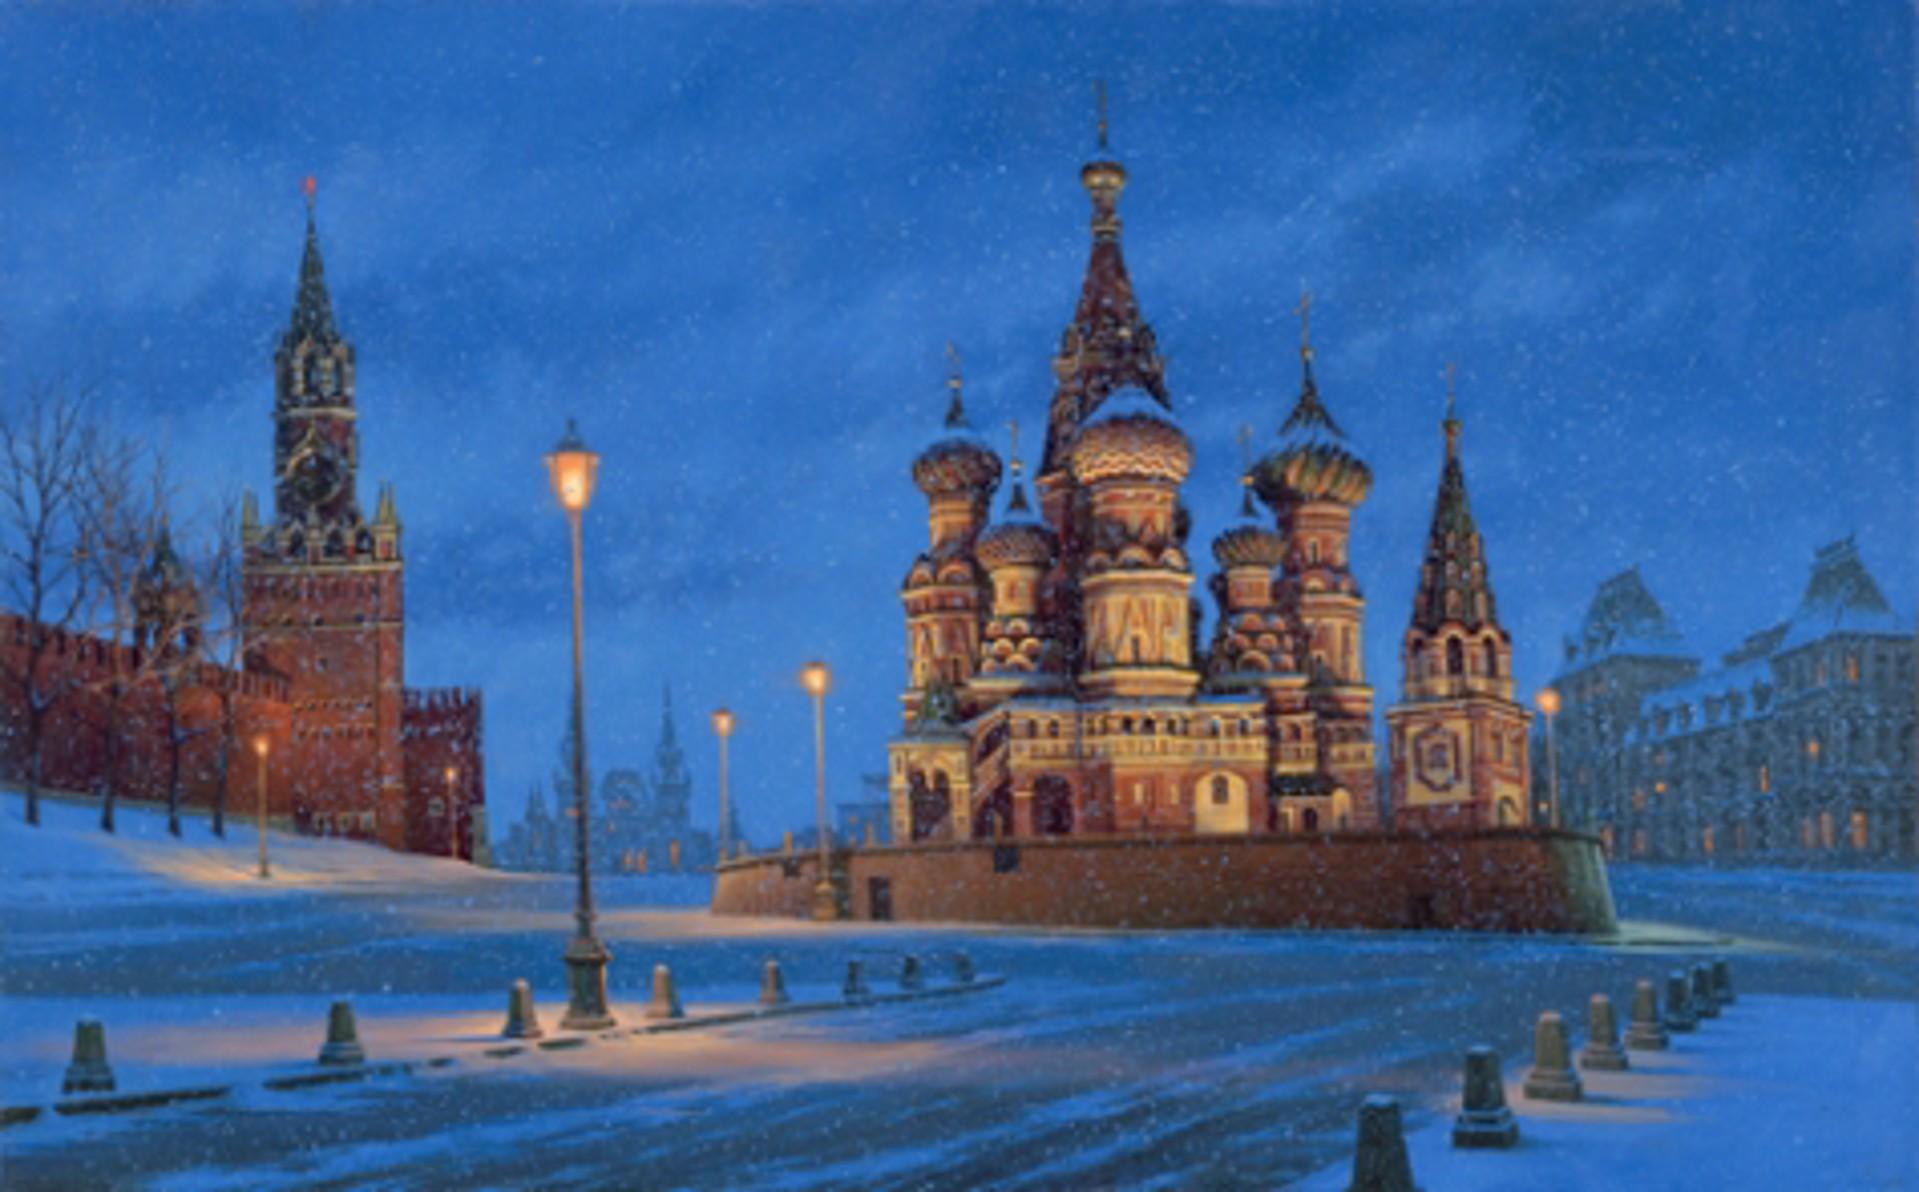 St. Basils by Alexei Butirskiy